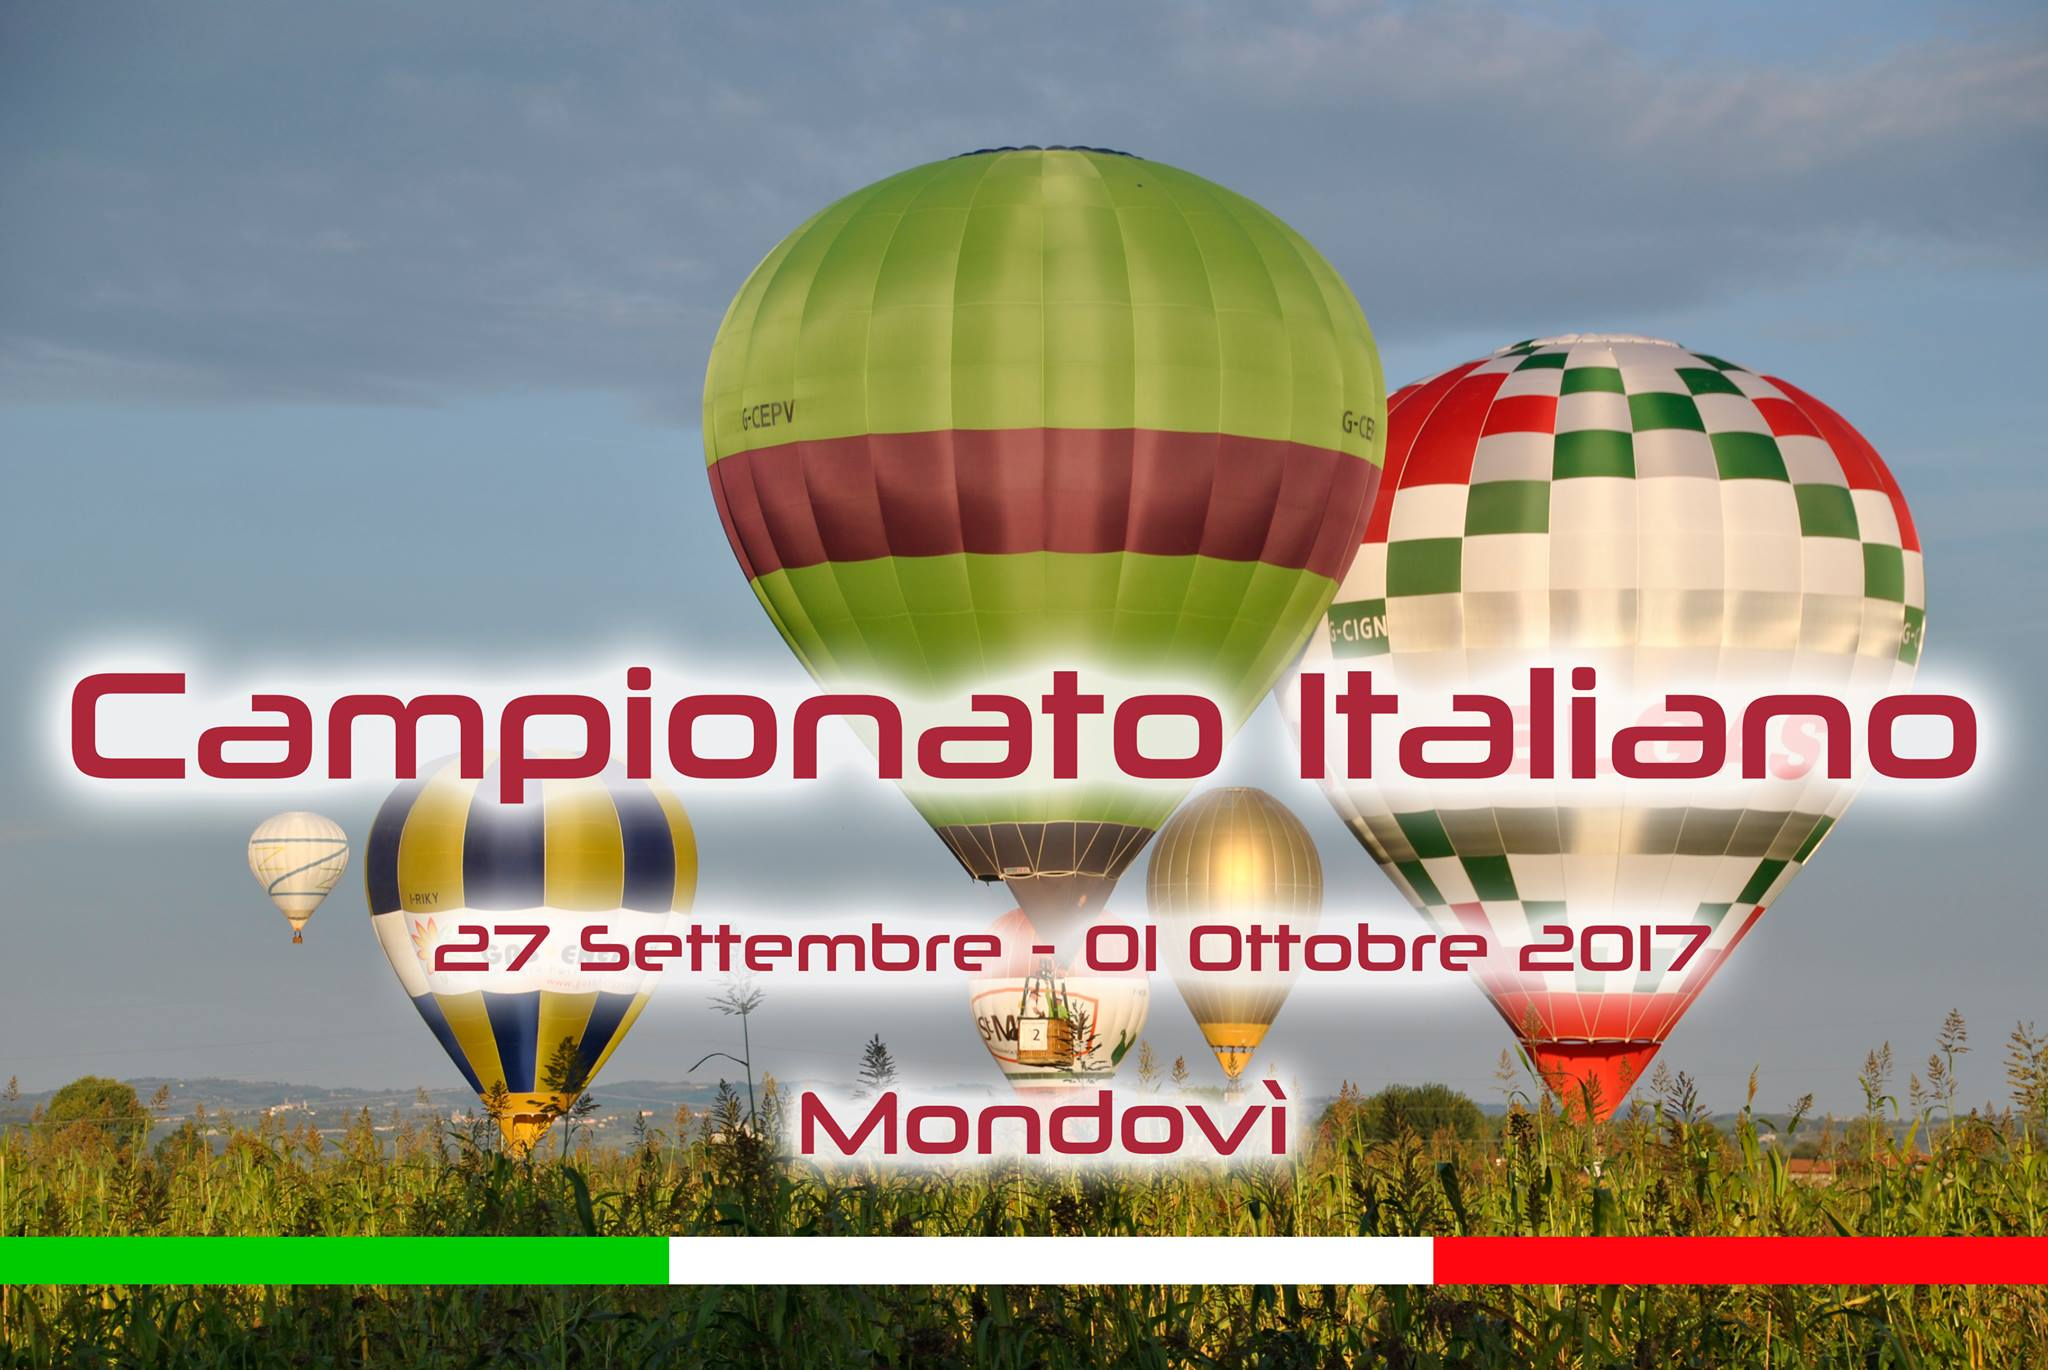 campionato italiano